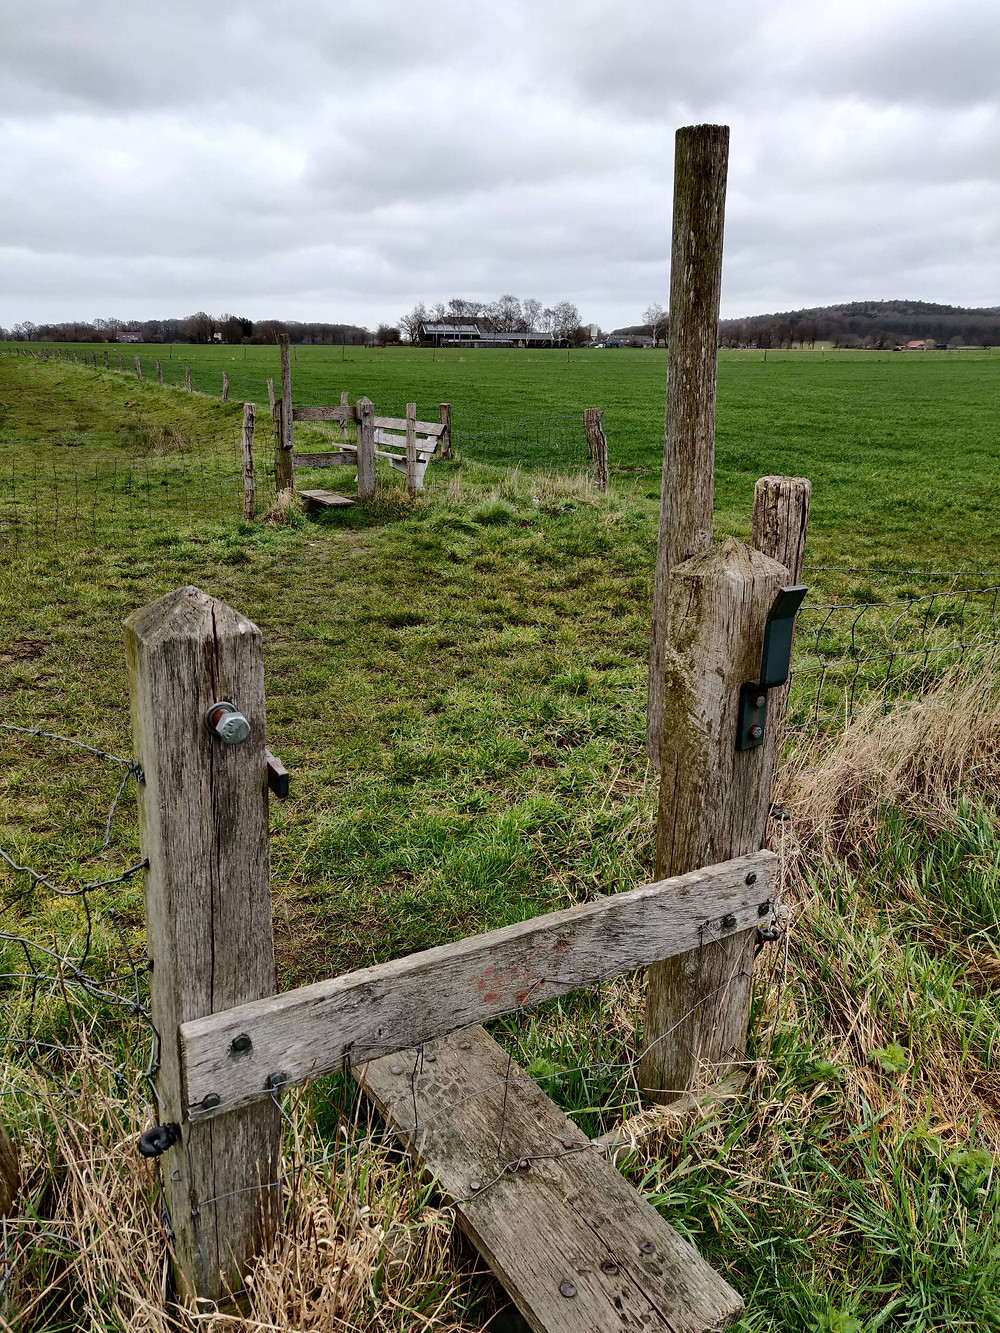 שער מעבר בין חלקות חקלאיות